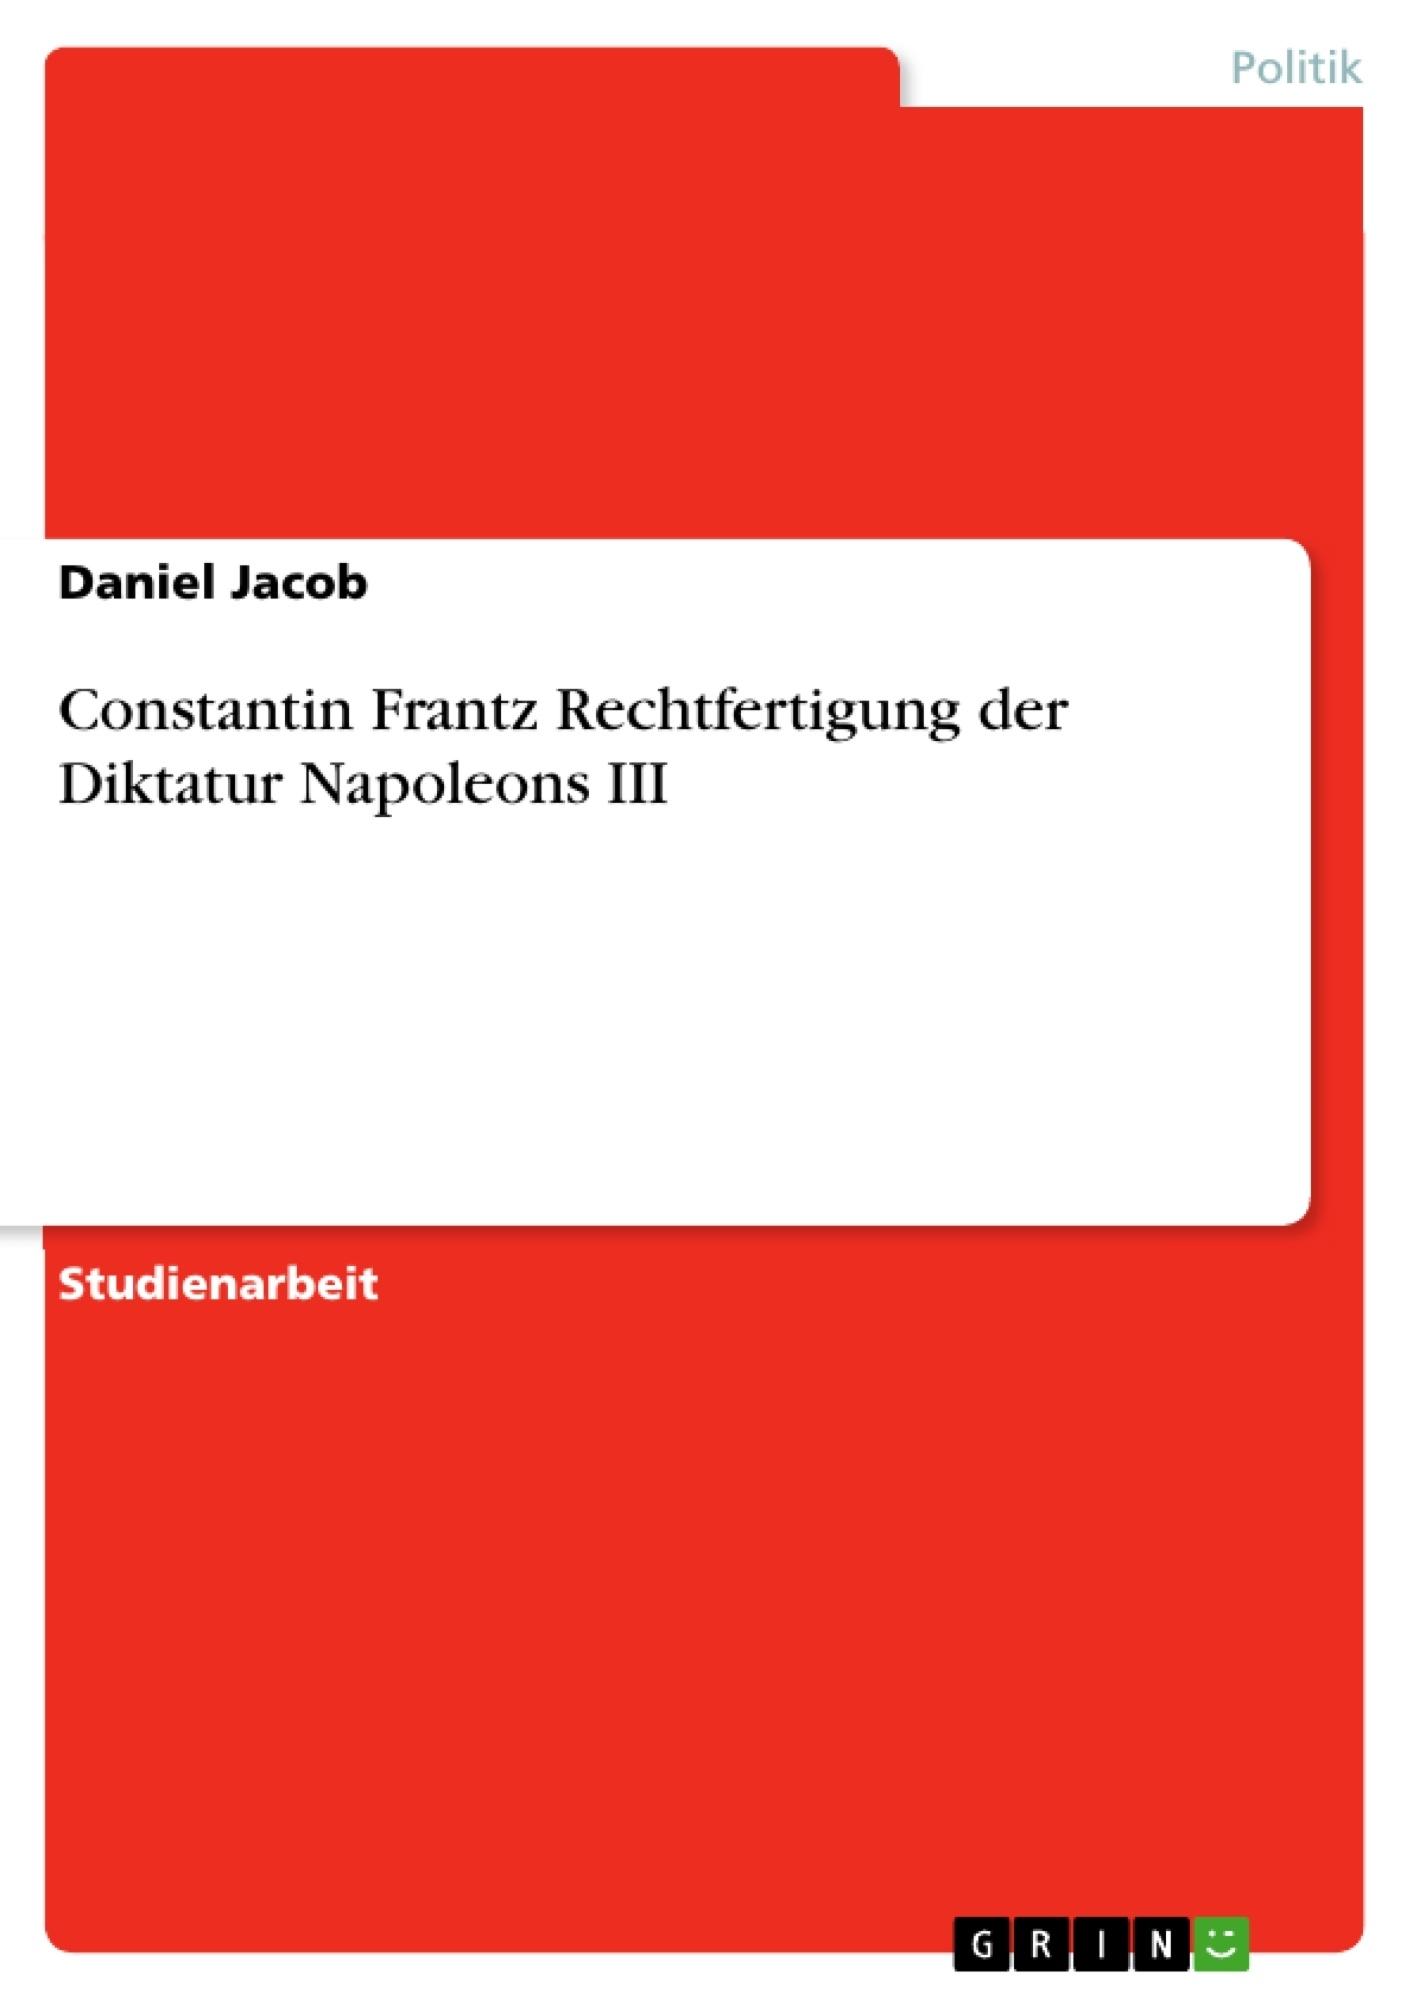 Titel: Constantin Frantz Rechtfertigung der Diktatur Napoleons III